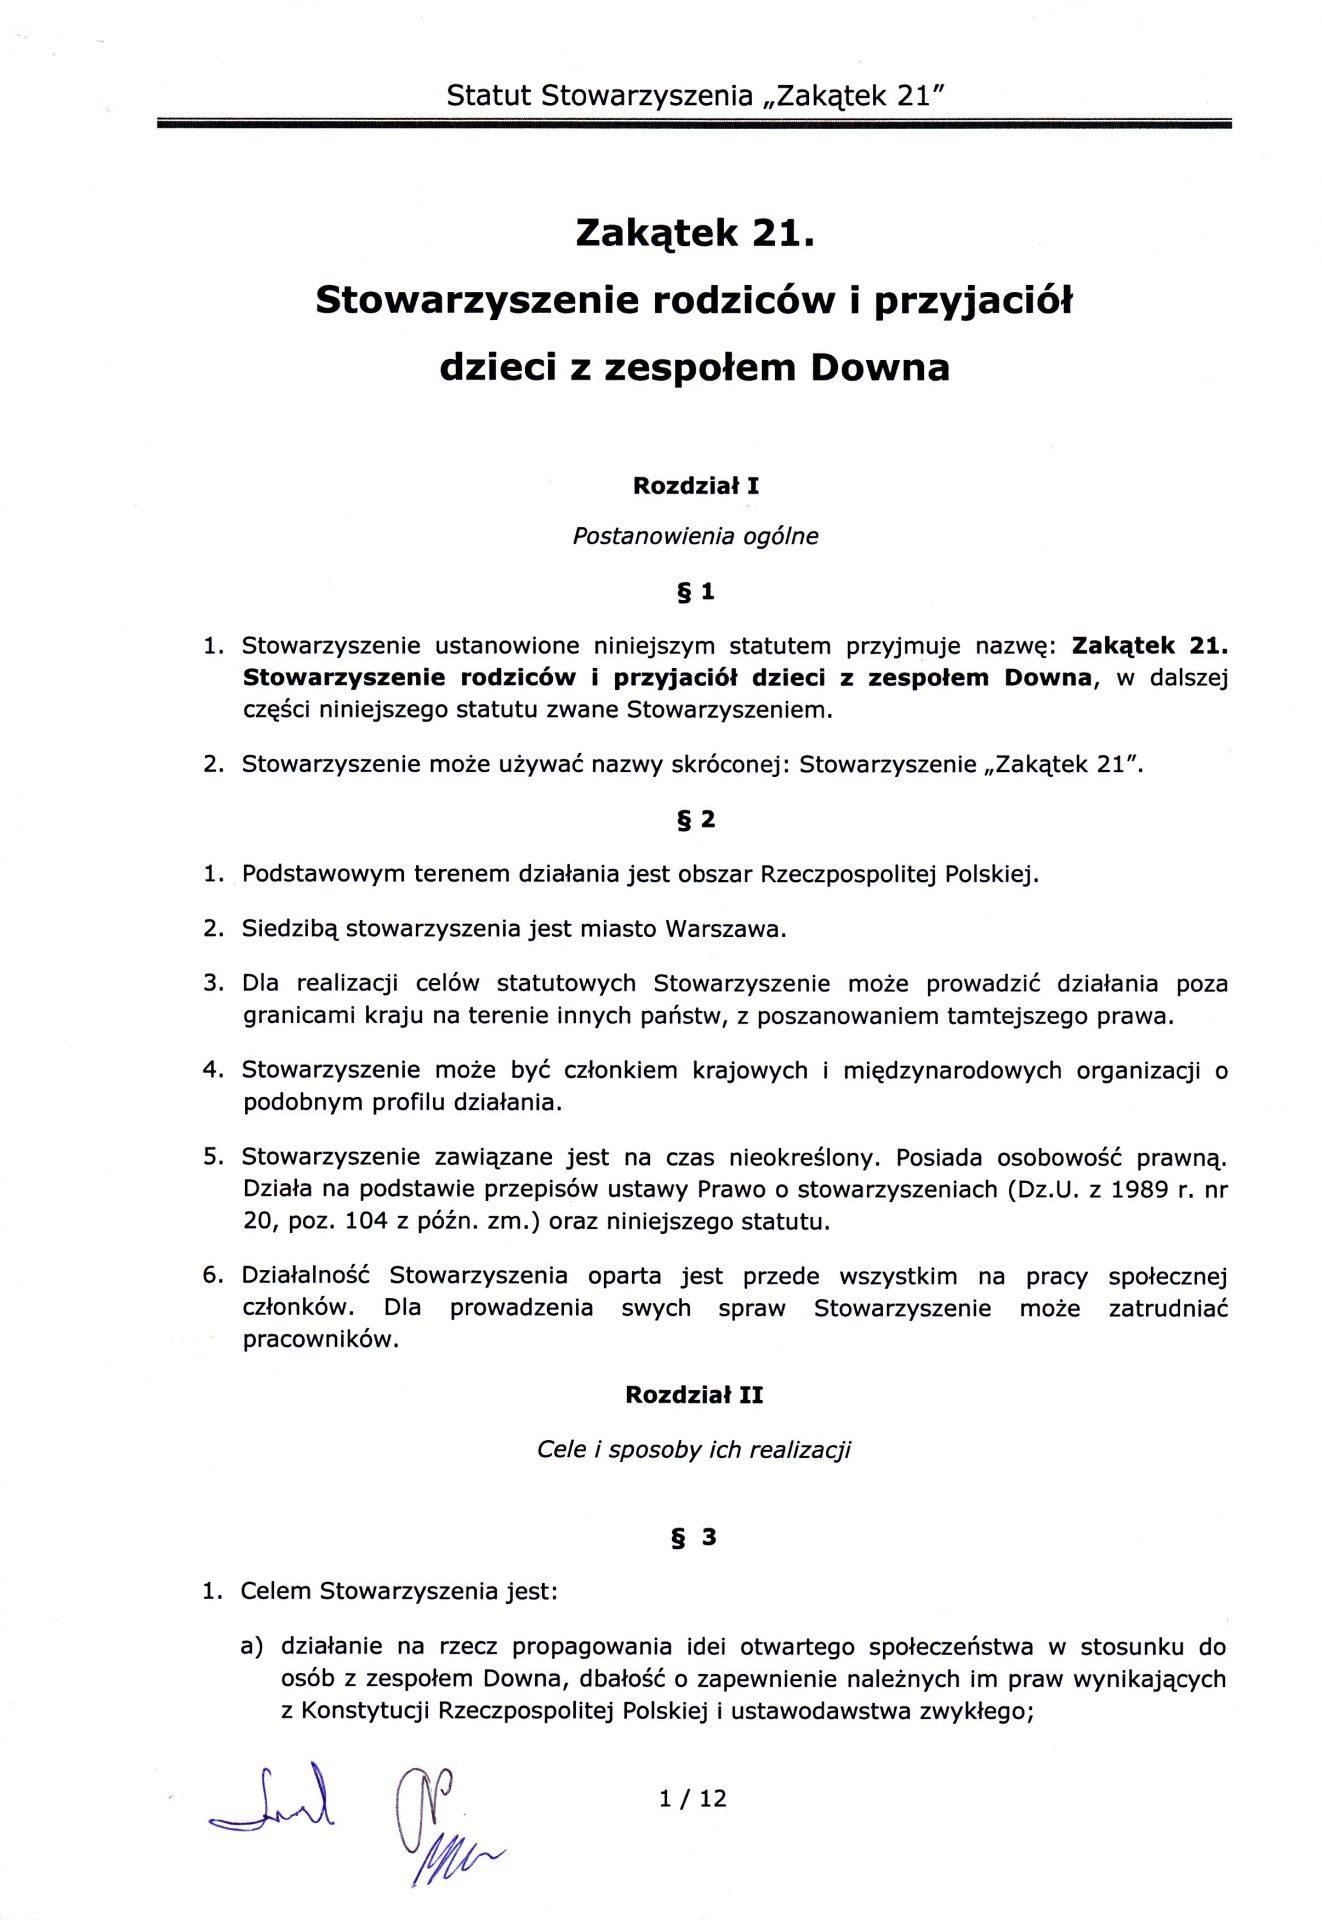 strona pierwsza statutu